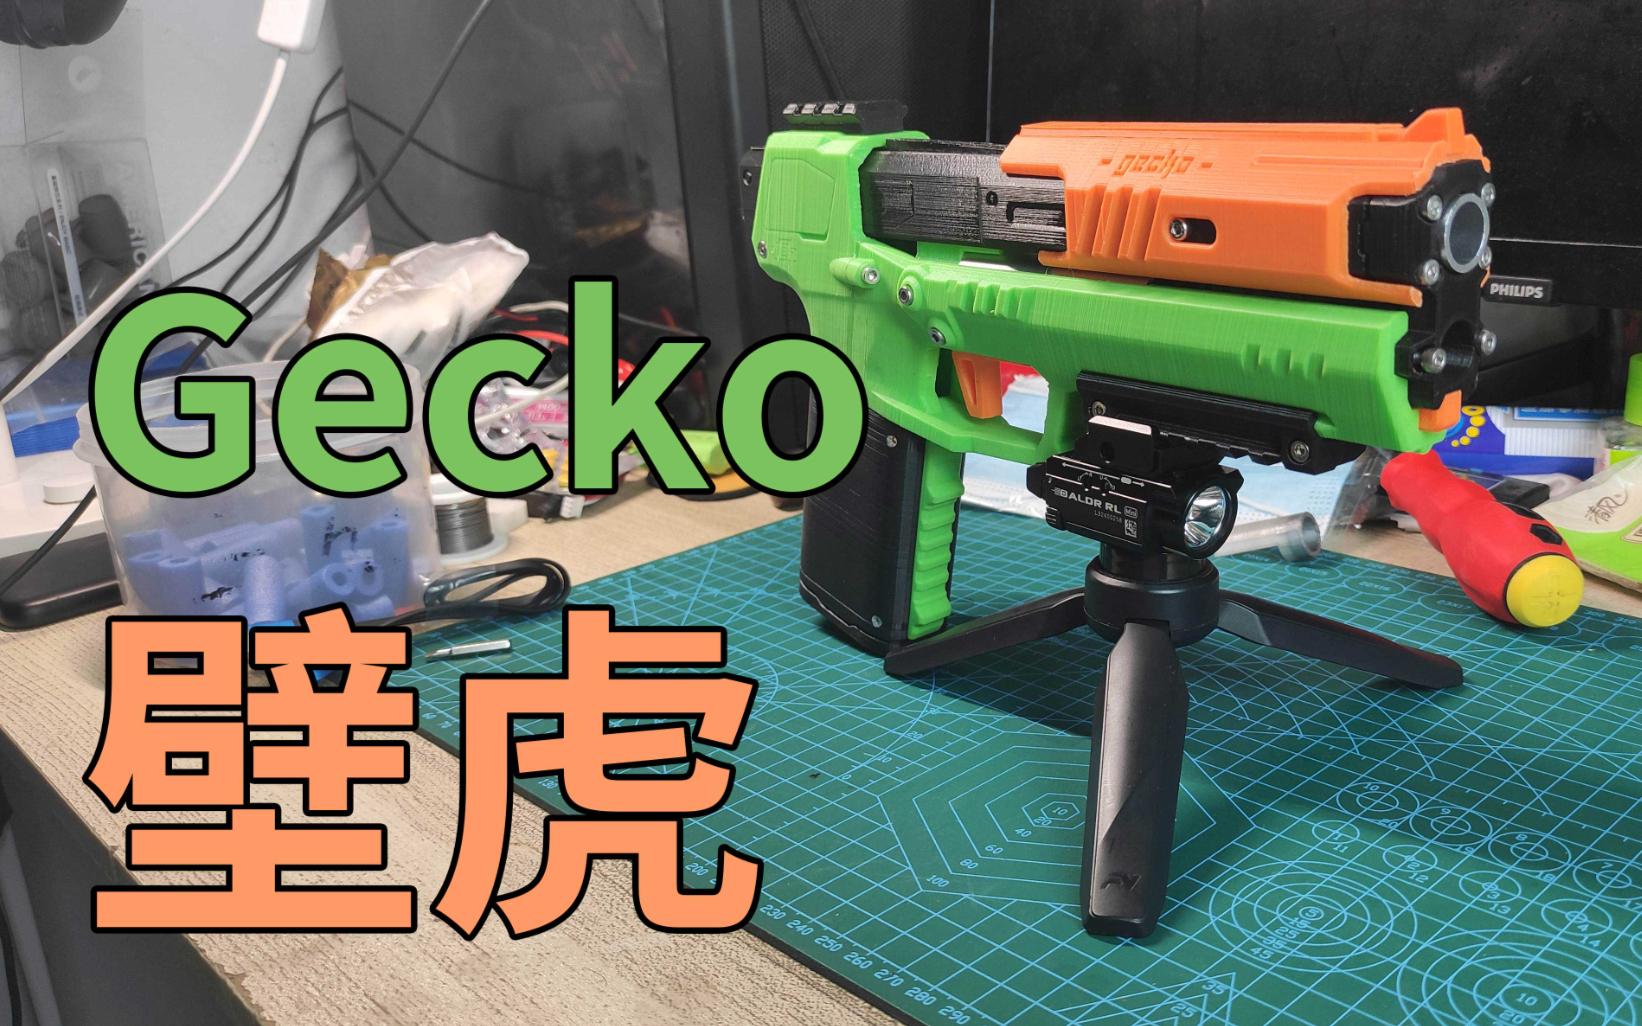 """【踩雷】2077年的发射器---gecko""""壁虎""""软弹NERF发射器上手测评"""